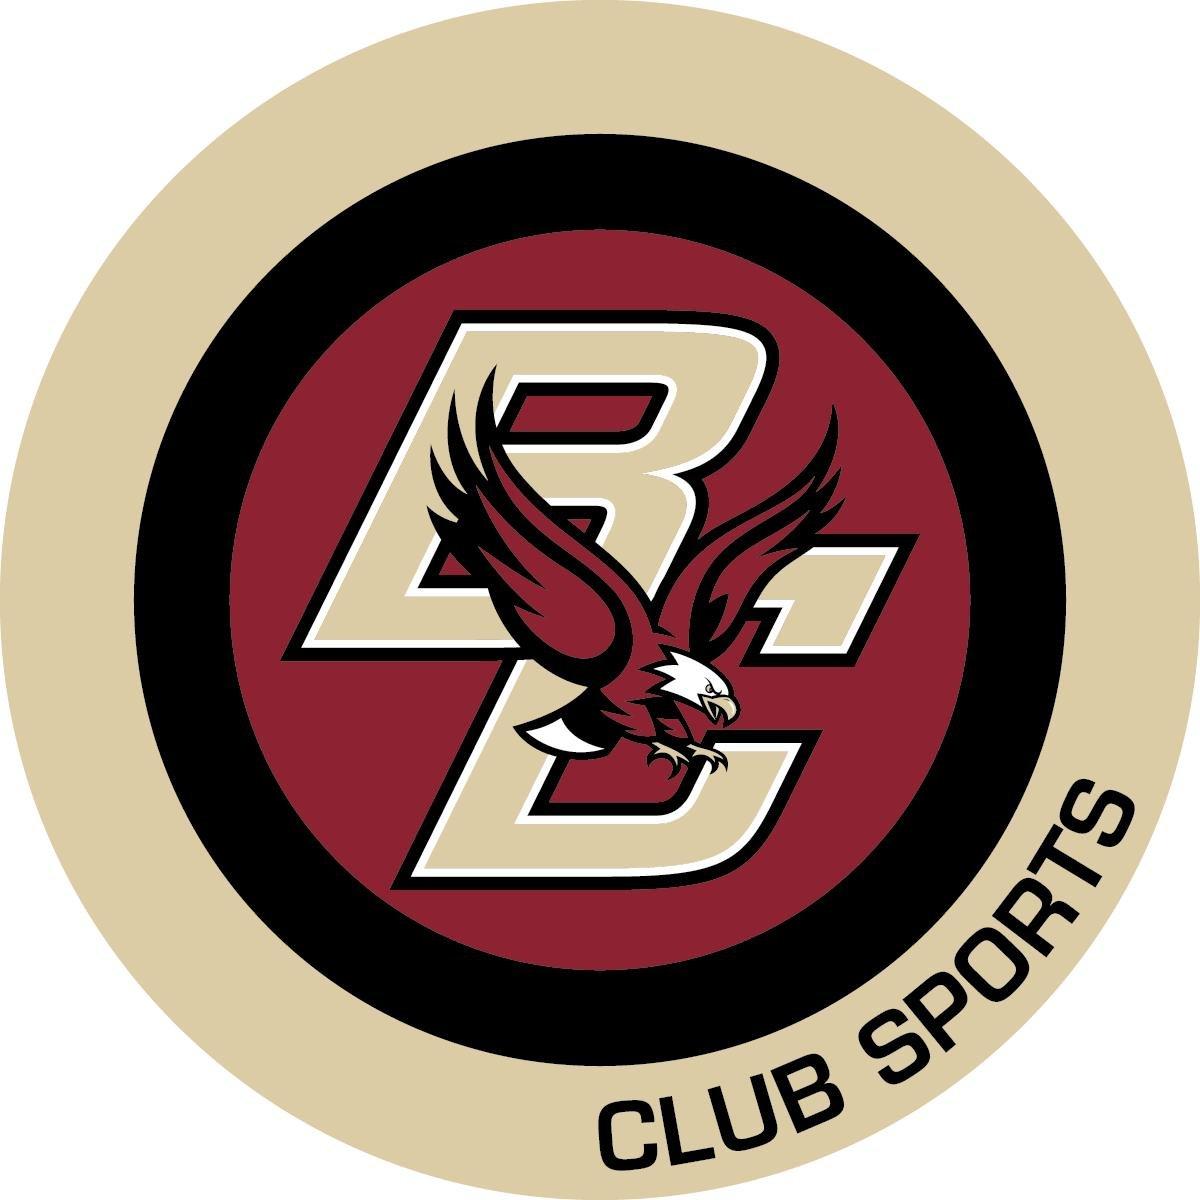 BC Club Sports on Twitter: